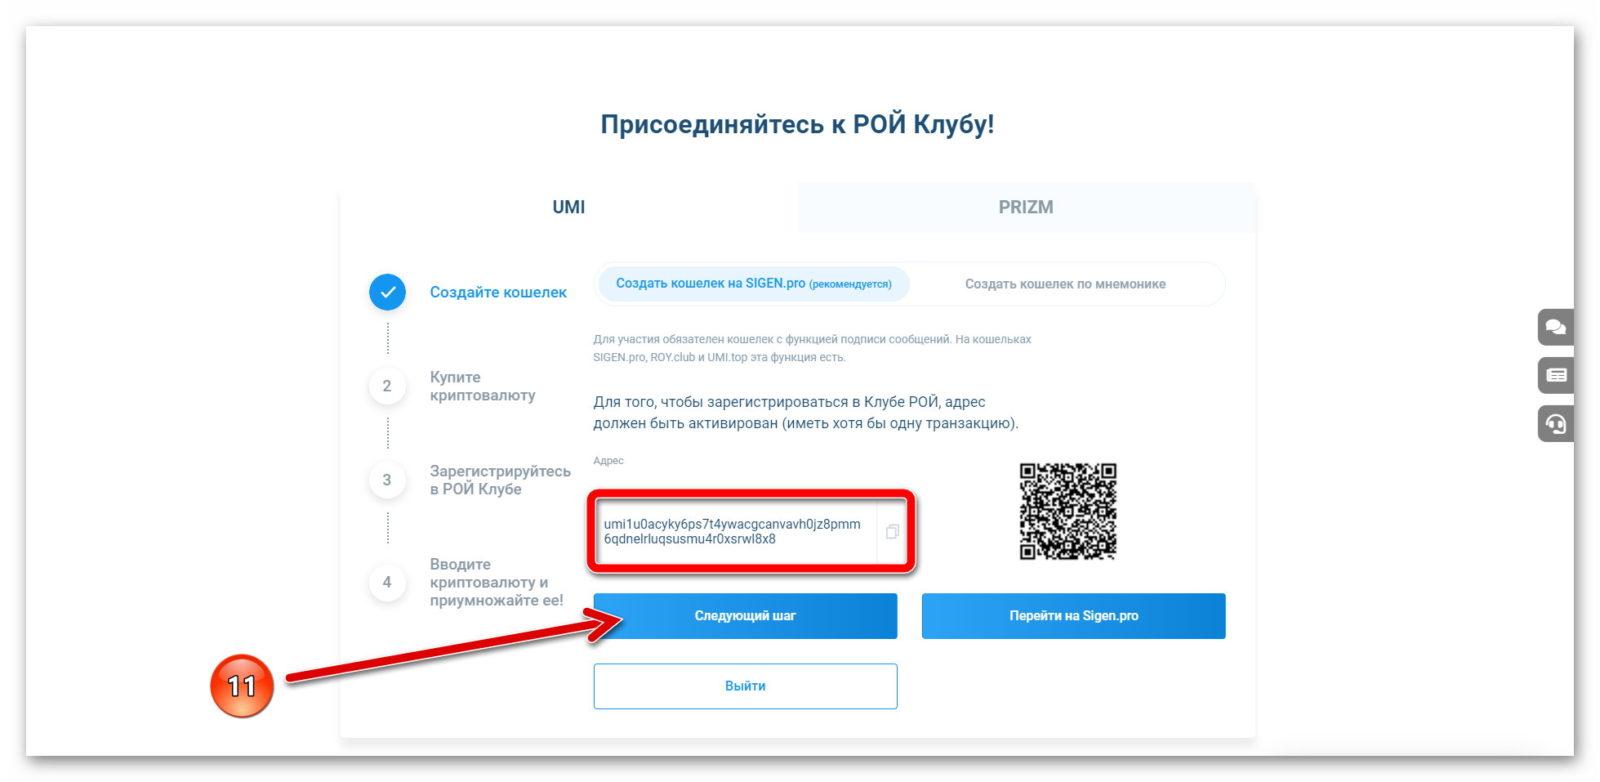 Активация кошелька UMI в проекте РОЙ Клуб